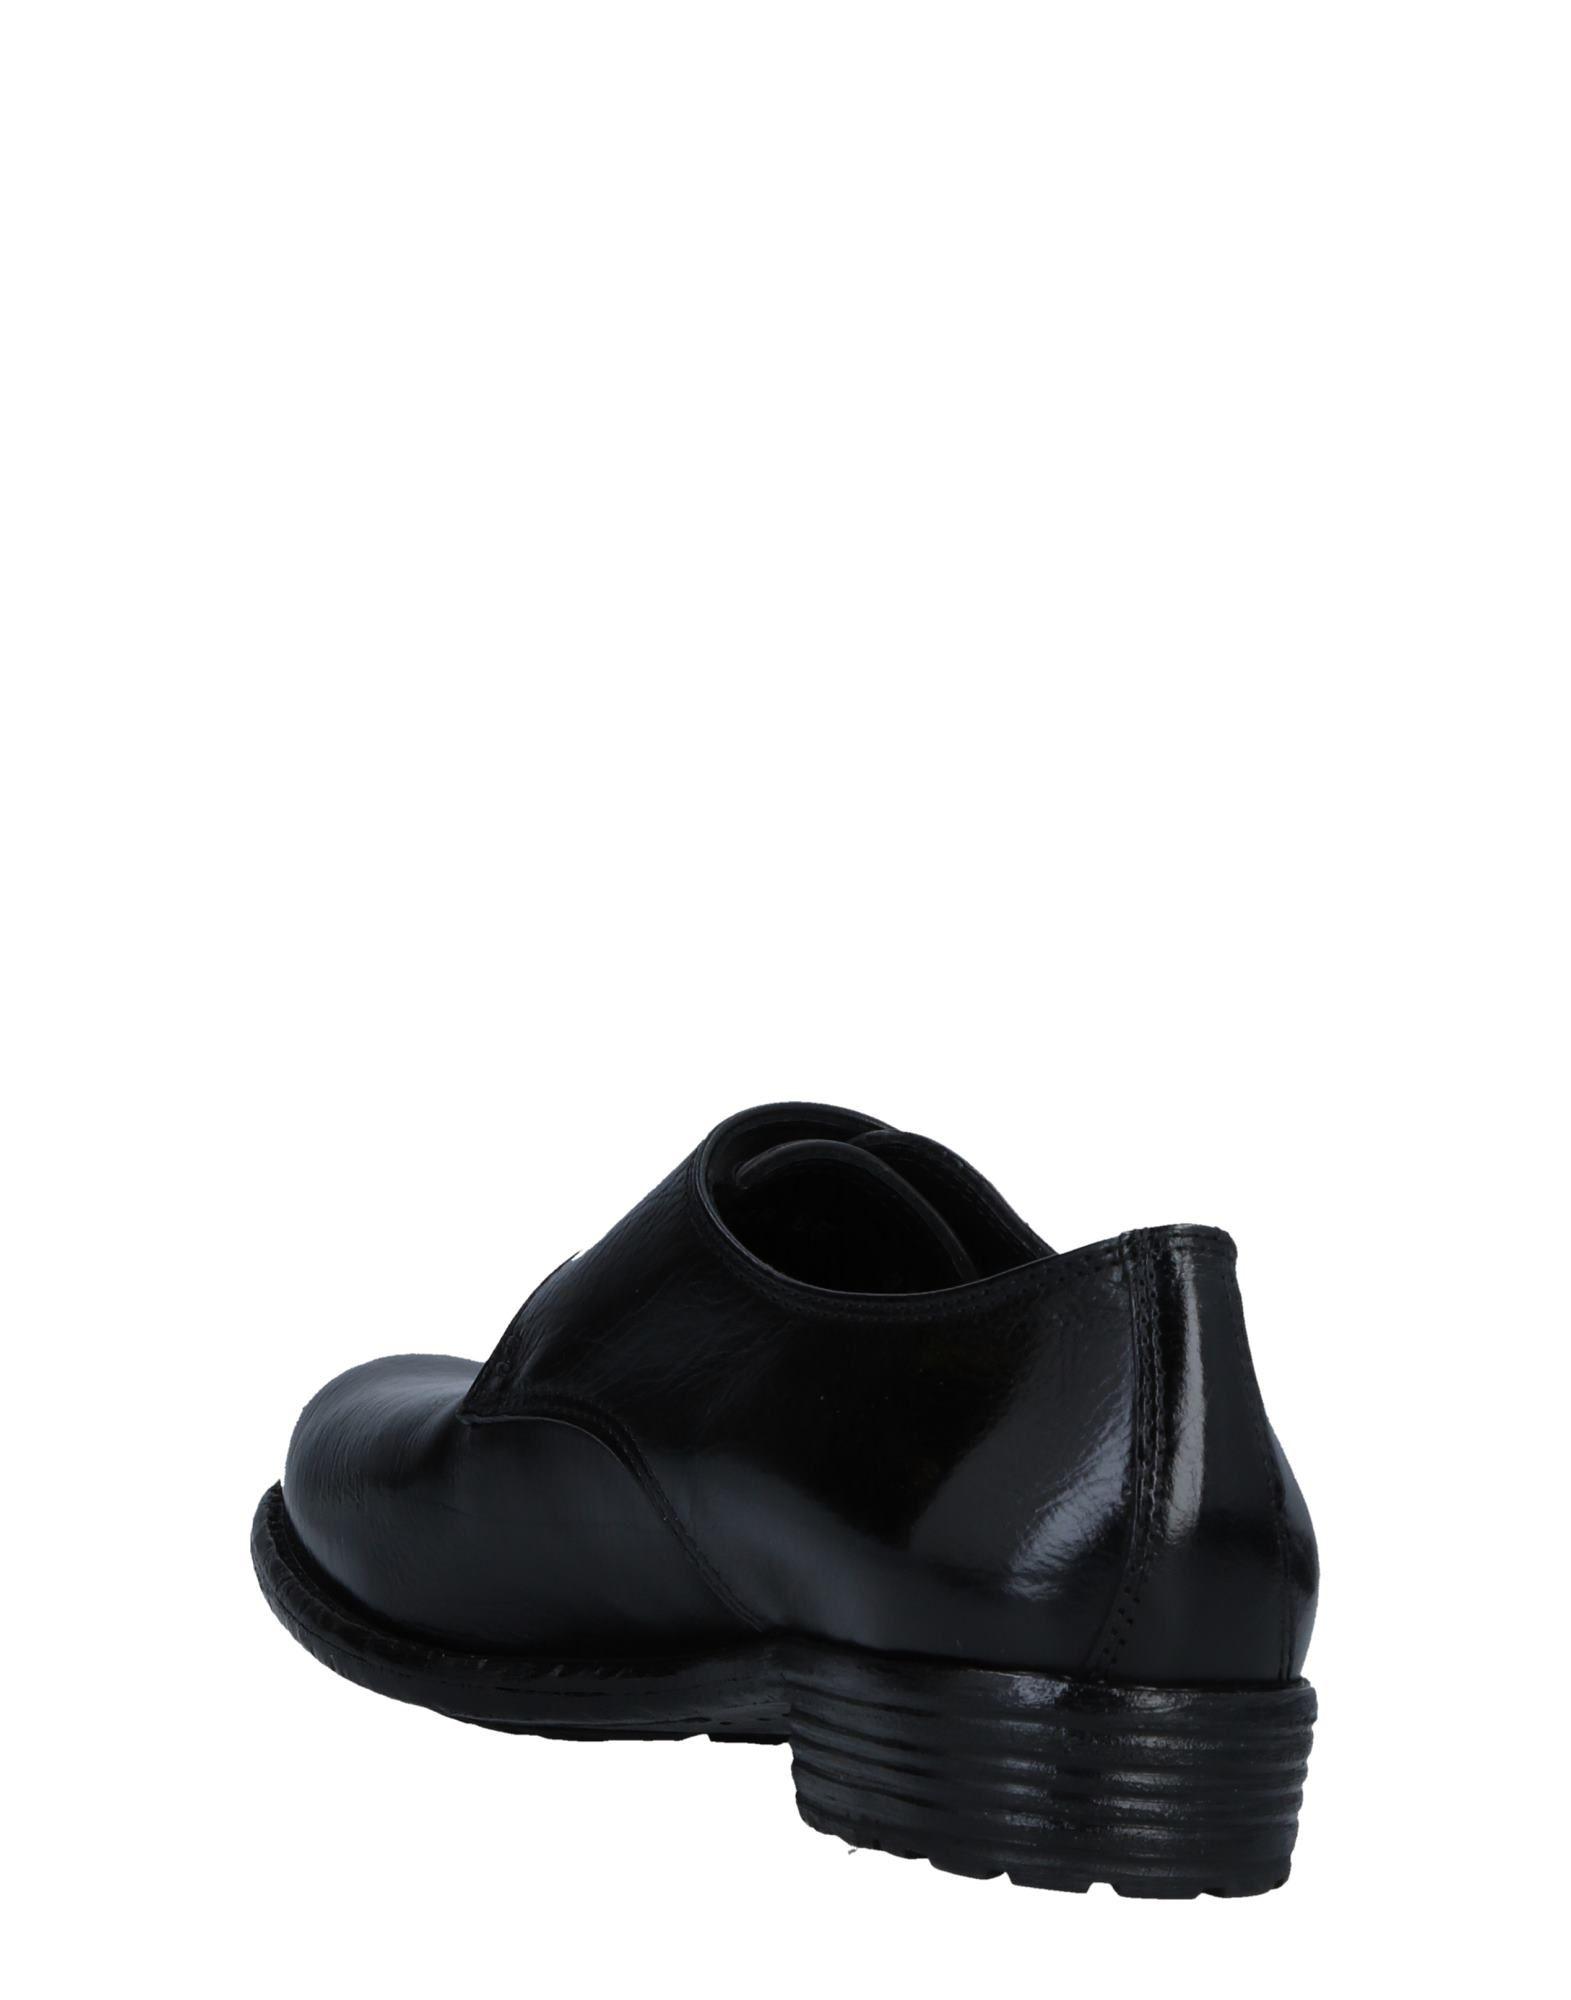 HundROT HundROT HundROT 100 Mokassins Damen 11515122KR Gute Qualität beliebte Schuhe 30c7d3